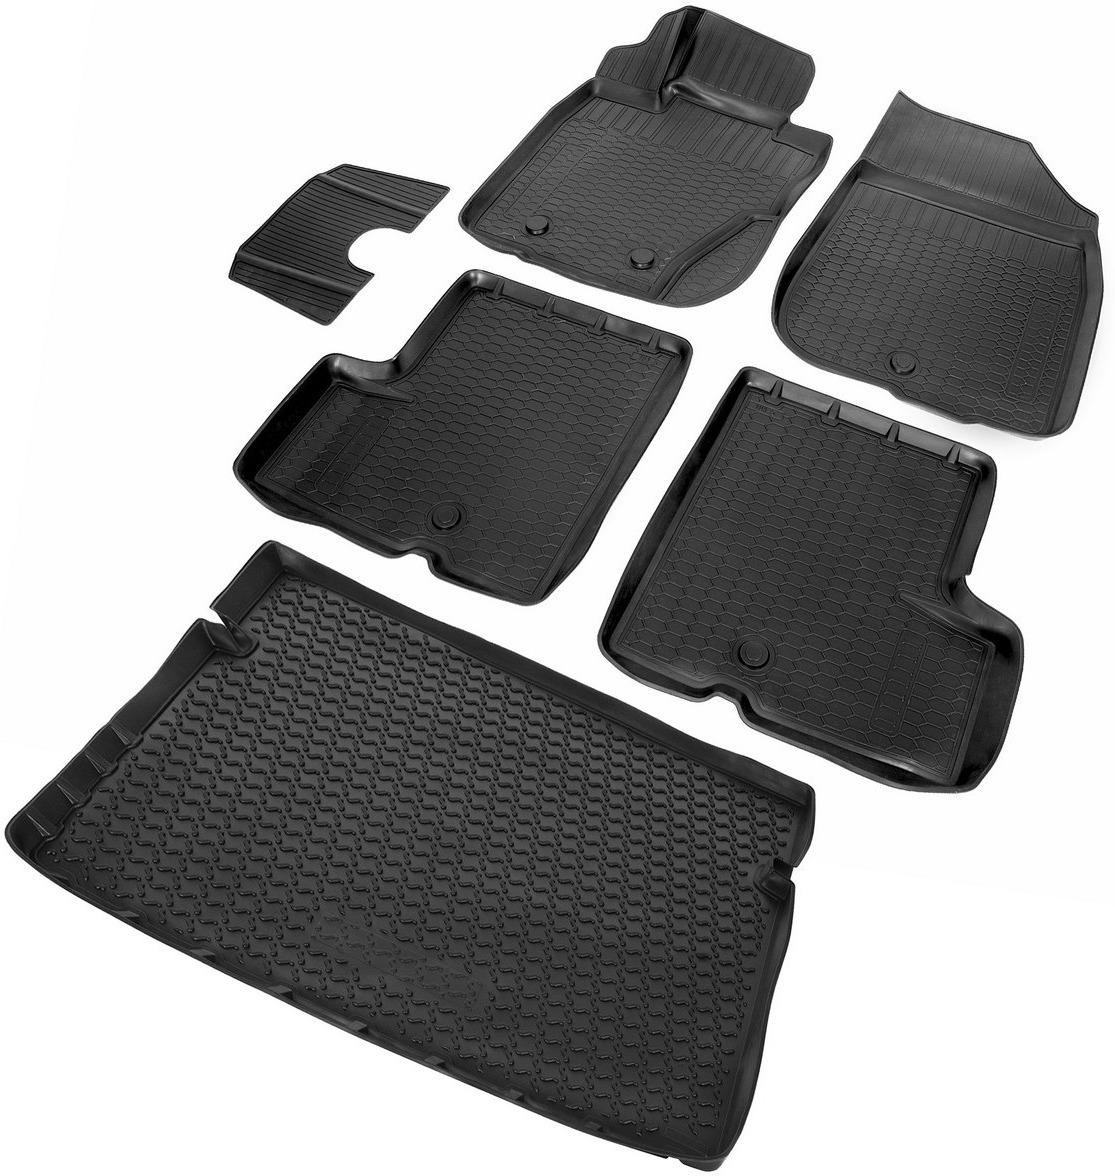 Комплект ковриков салона и багажника Rival для Renault Duster 5-дв. (4WD) 2010-2015, полиуретан, с крепежом, с перемычкой, 6 шт. K14701006-5 коврики салона rival для renault sandero хэтчбек 5 дв 2014 н в полиуретан с крепежом с перемычкой 5 шт 14703003